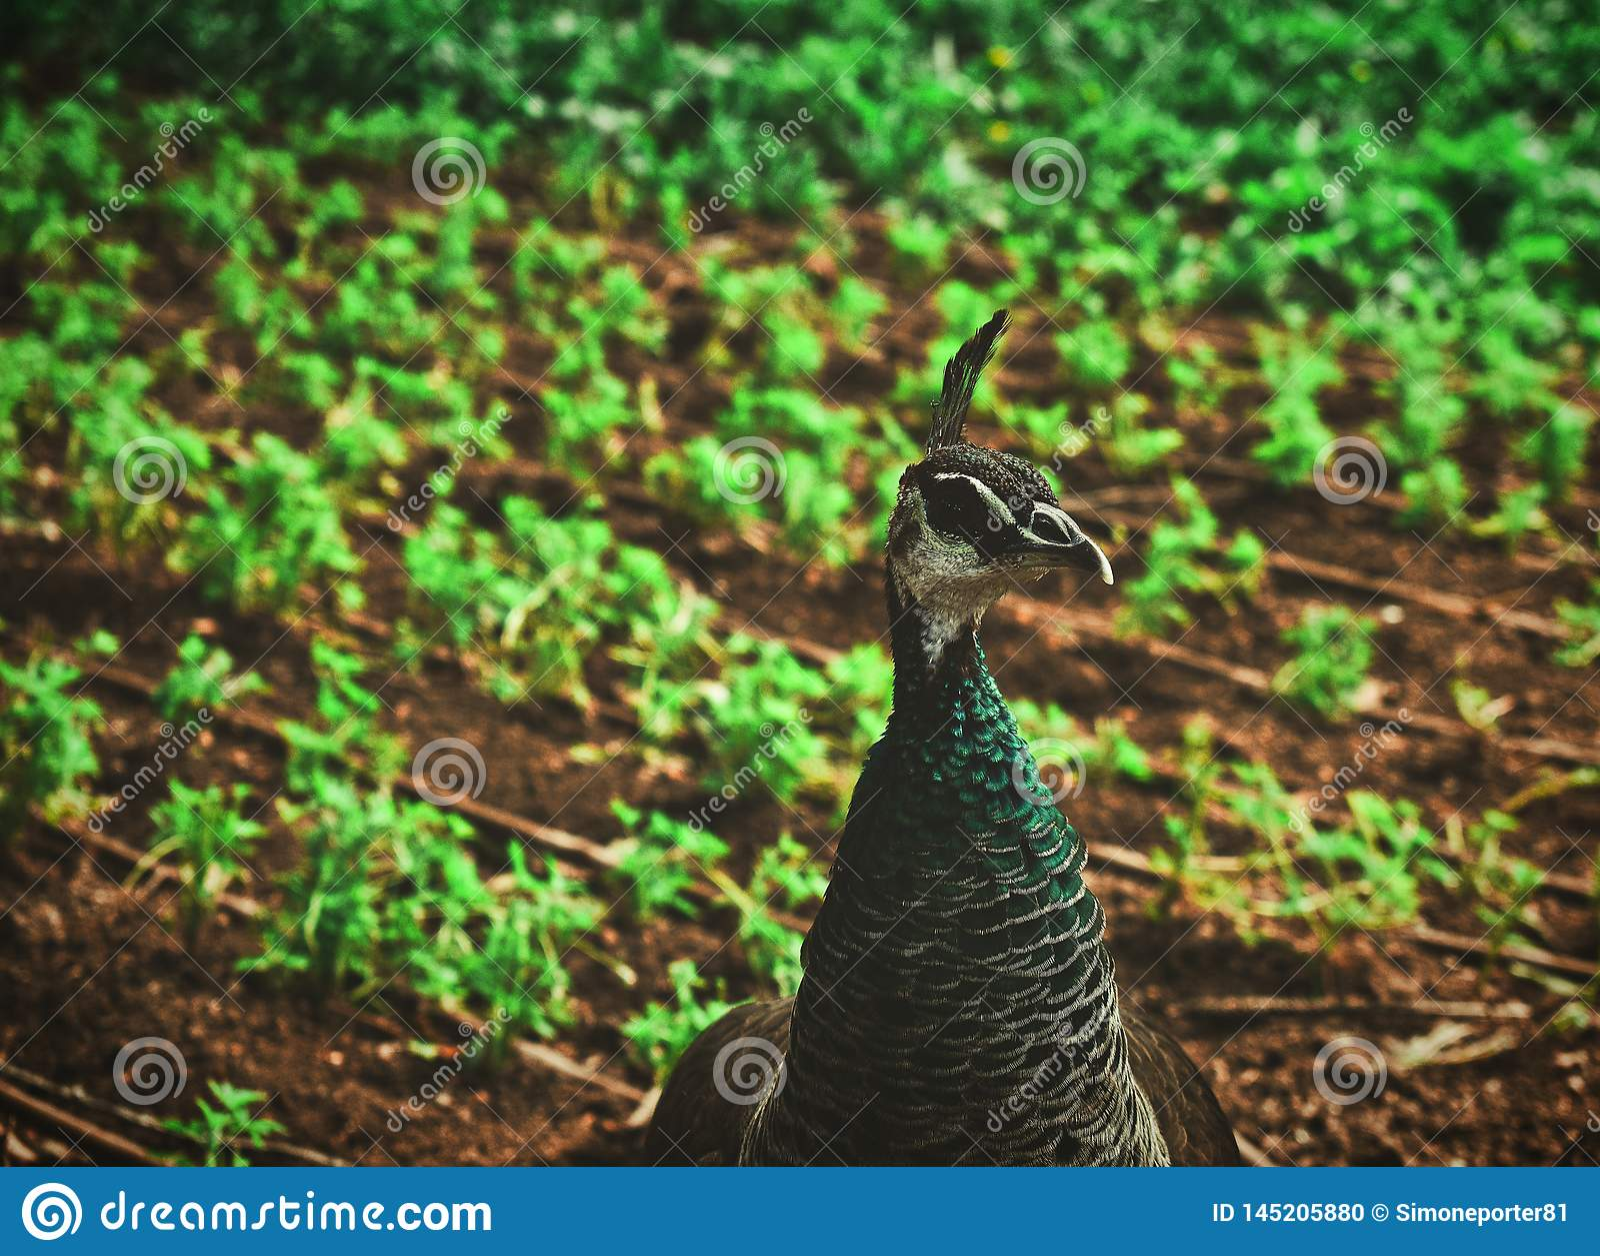 Ένας αρσενικός peacock σε έναν δημόσιο κήπο